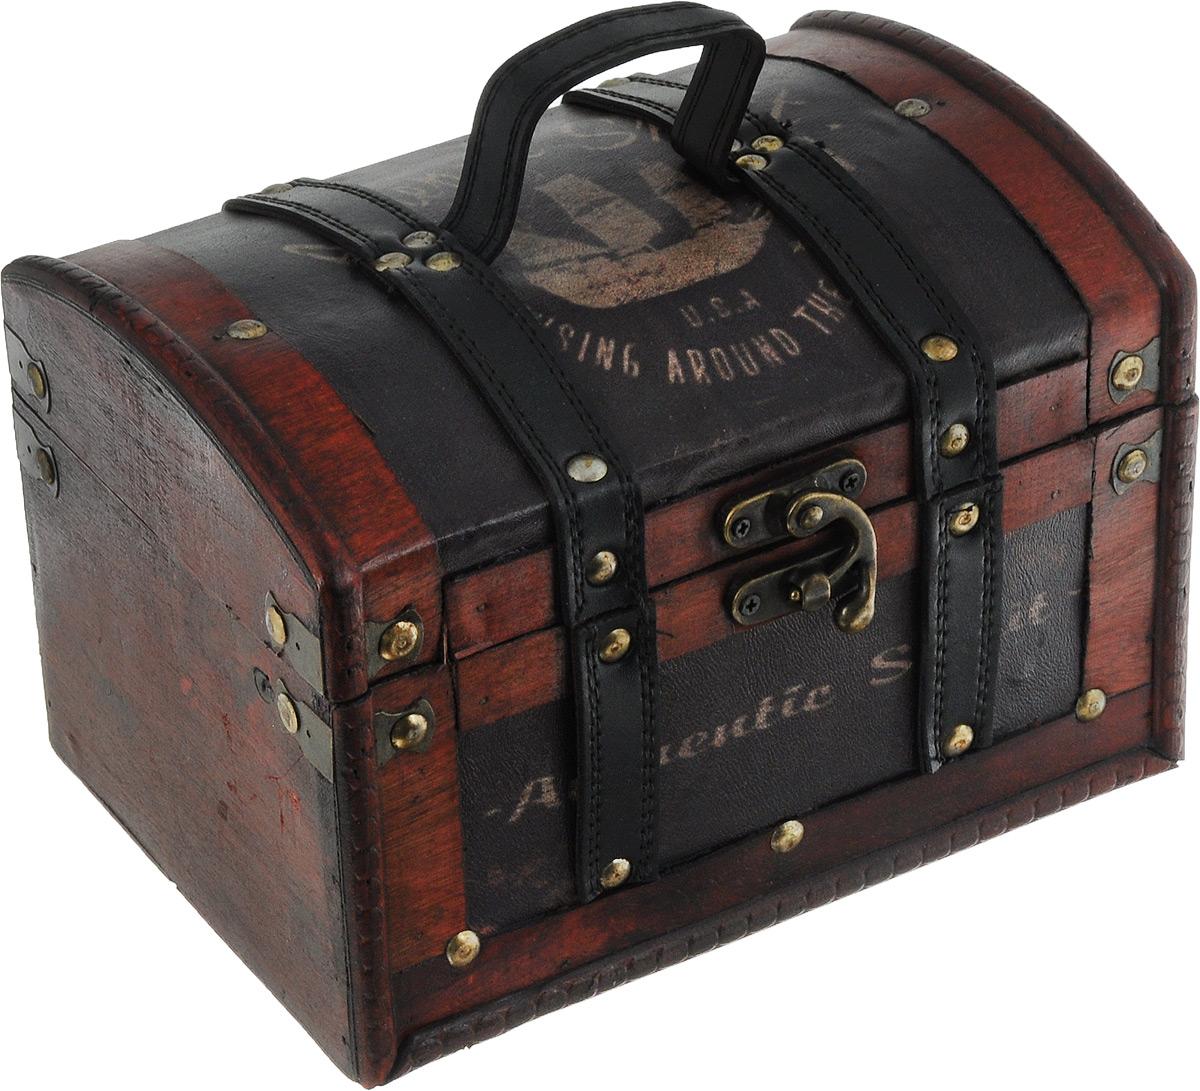 Шкатулка декоративная Bestex, 22,5 х 15,5 х 5,5 смRG-D31SДекоративная шкатулка Bestex, выполненная из МДФ в виде старинного сундука, идеально подойдет для хранения бижутерии, принадлежностей для шитья, различных мелочей и безделушек. Изделие обтянуто искусственной кожей с принтом, дополнено металлическими элементами и кожаными вставками. Шкатулка закрывается на металлический курковый замок. Для переноски предусмотрена ручка. Такая шкатулка станет отличным подарком человеку, ценящему необычные и стильные аксессуары.